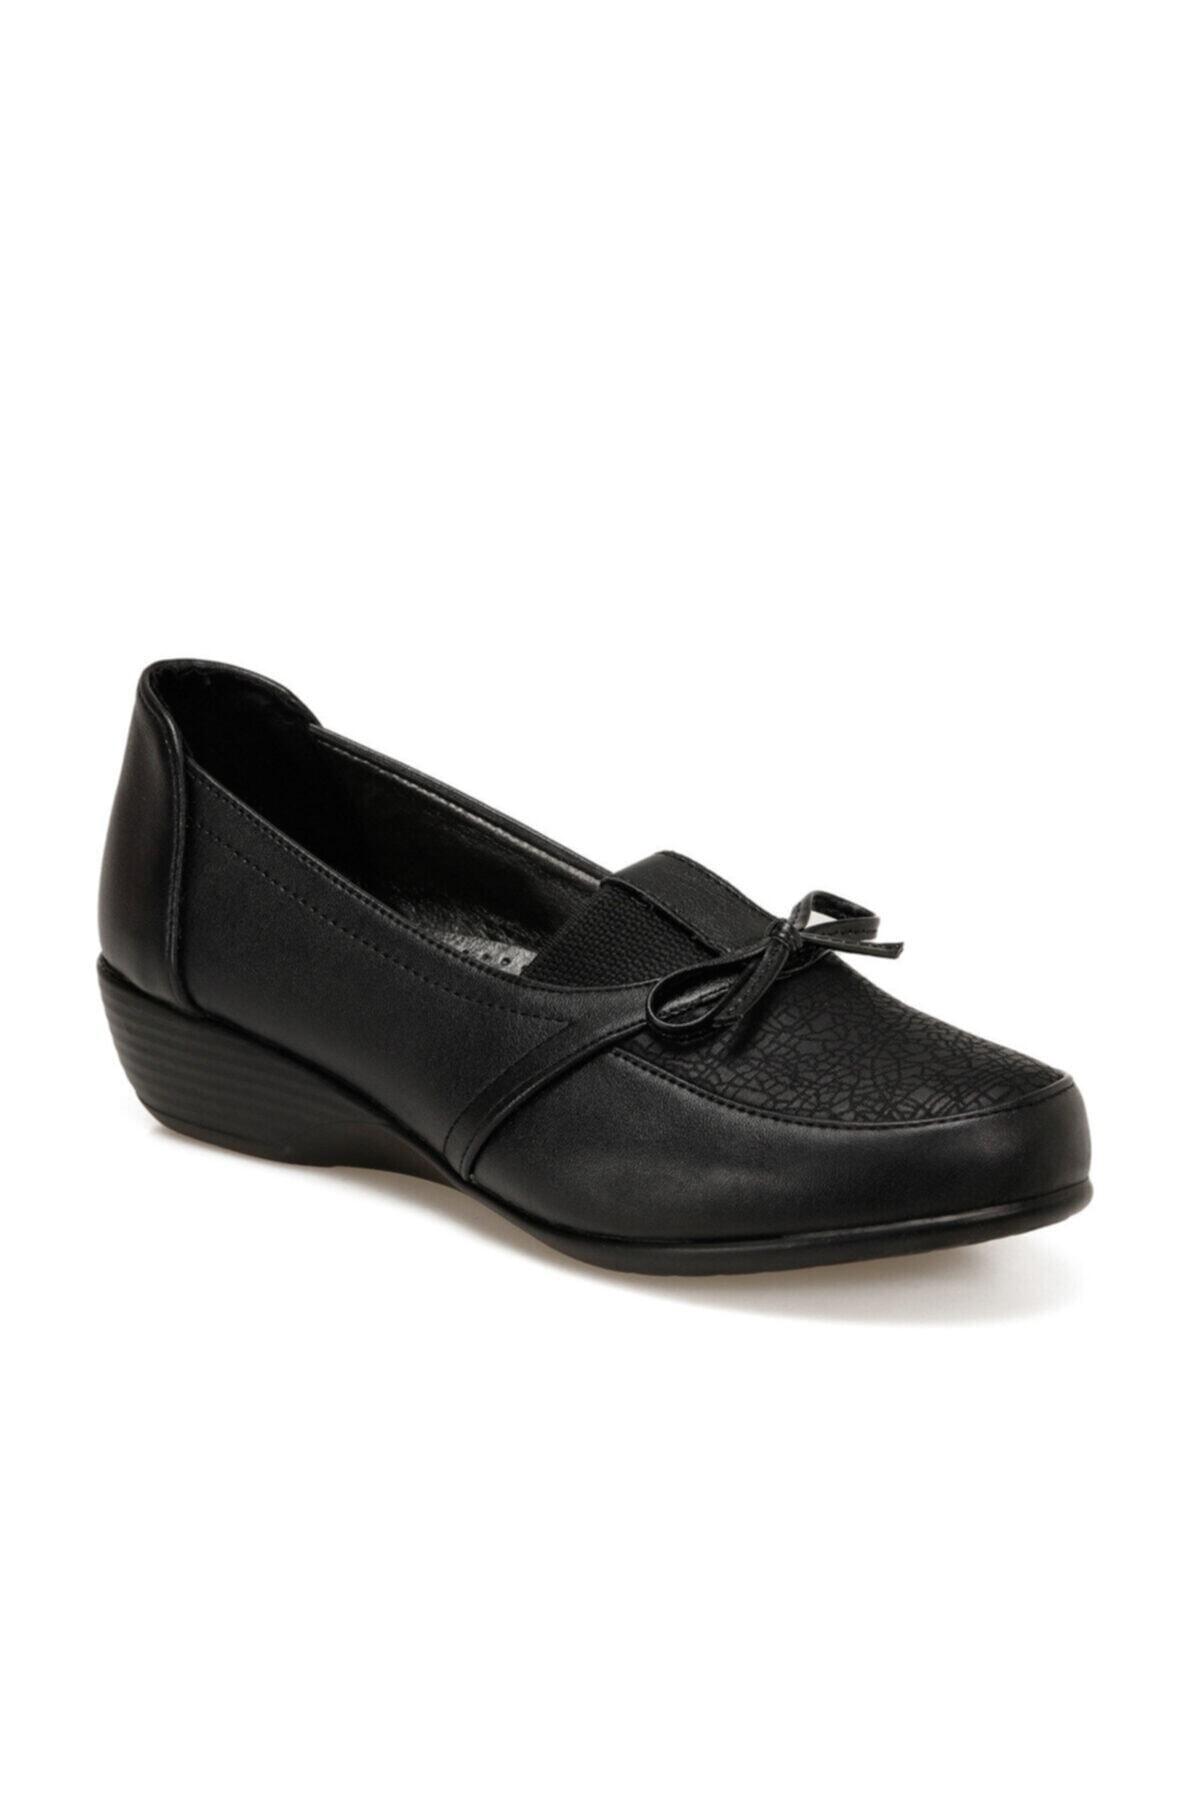 Polaris 161495.Z Siyah Kadın Comfort Ayakkabı 100548355 1